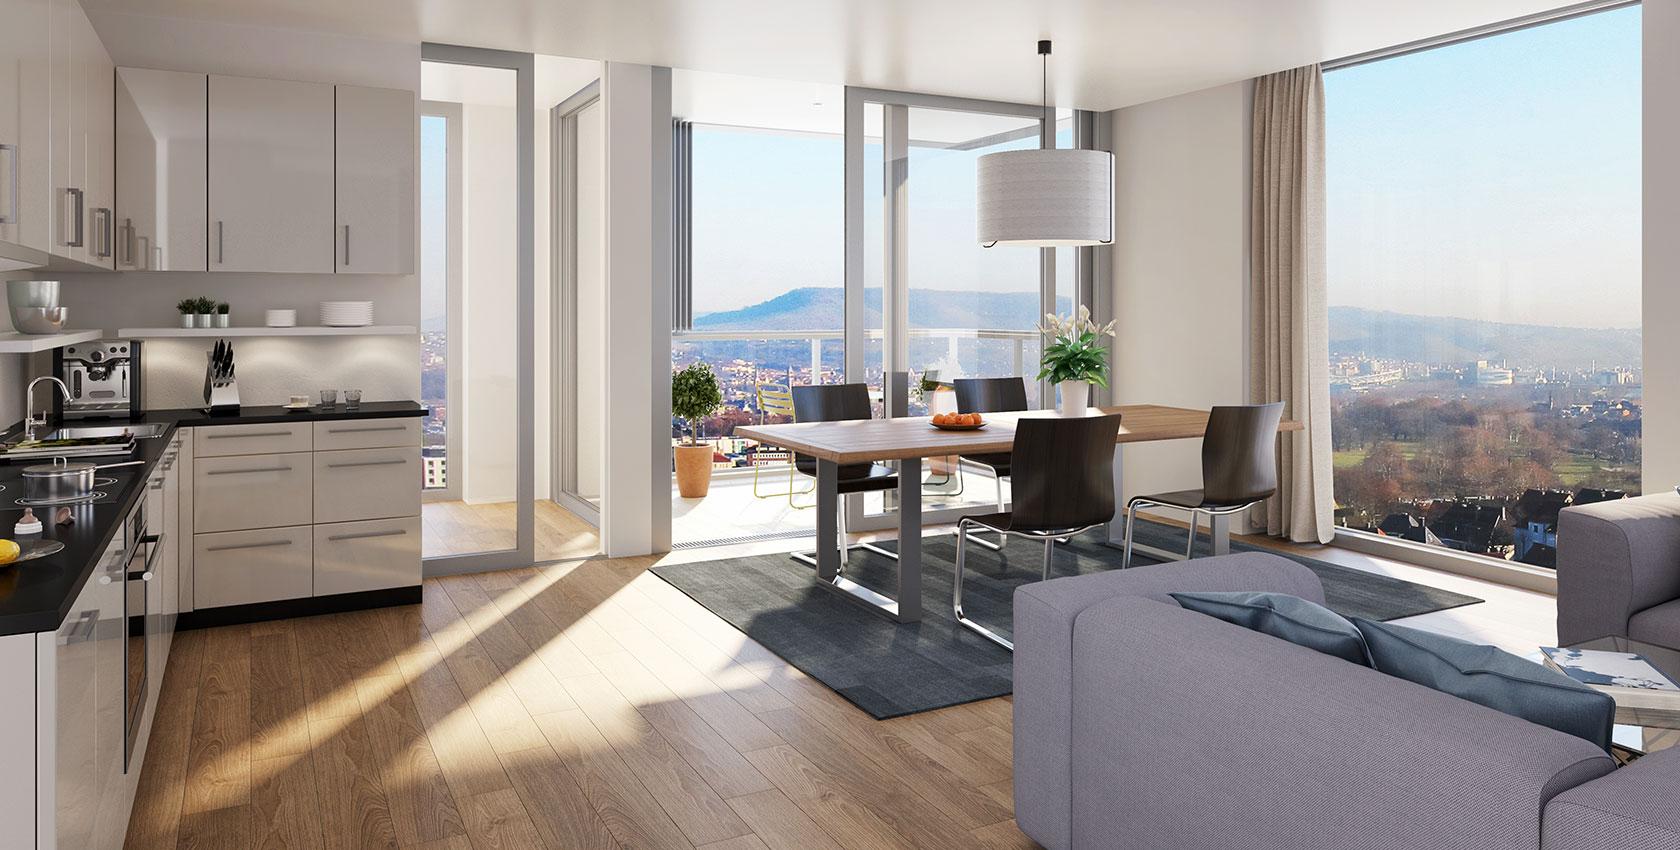 OG 11, 2,5-Zimmer-Wohnung, ca. 82 m²: Skyline Stuttgart